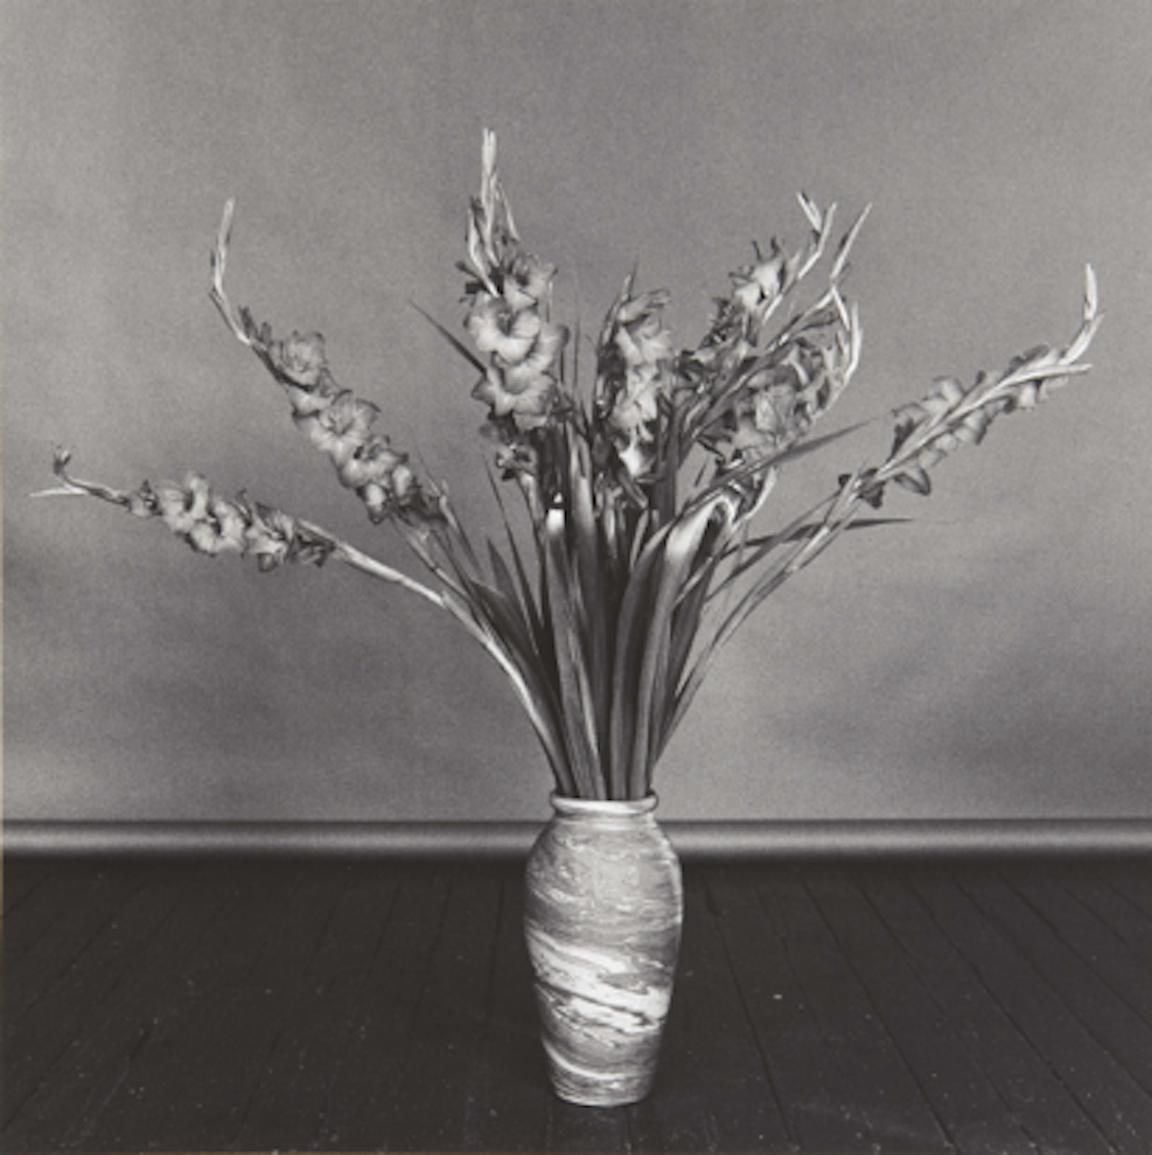 Gladioli by Robert Mapplethorpe